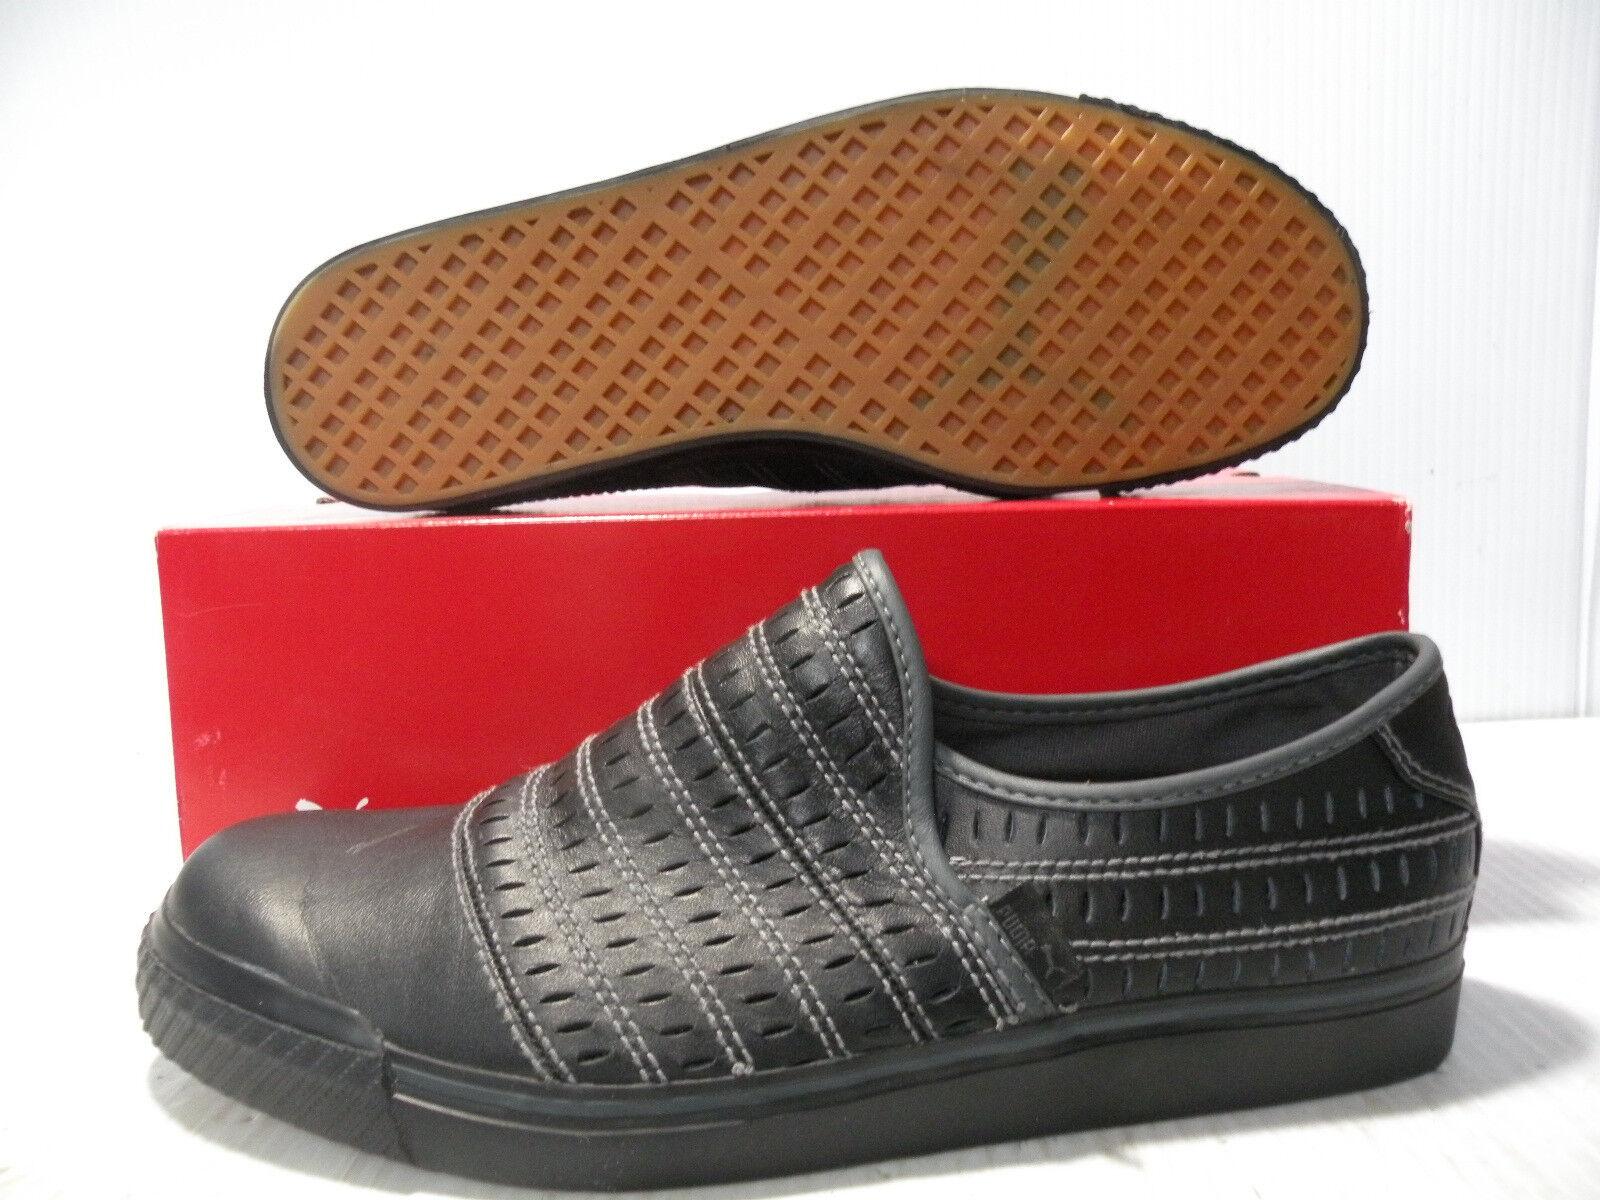 Puma zapatillas hombres zapatos negro cavar Dirk mas bajo 343657-01 tamaño 8,5 nueva el mas Dirk popular de zapatos para hombres y mujeres 1d4239